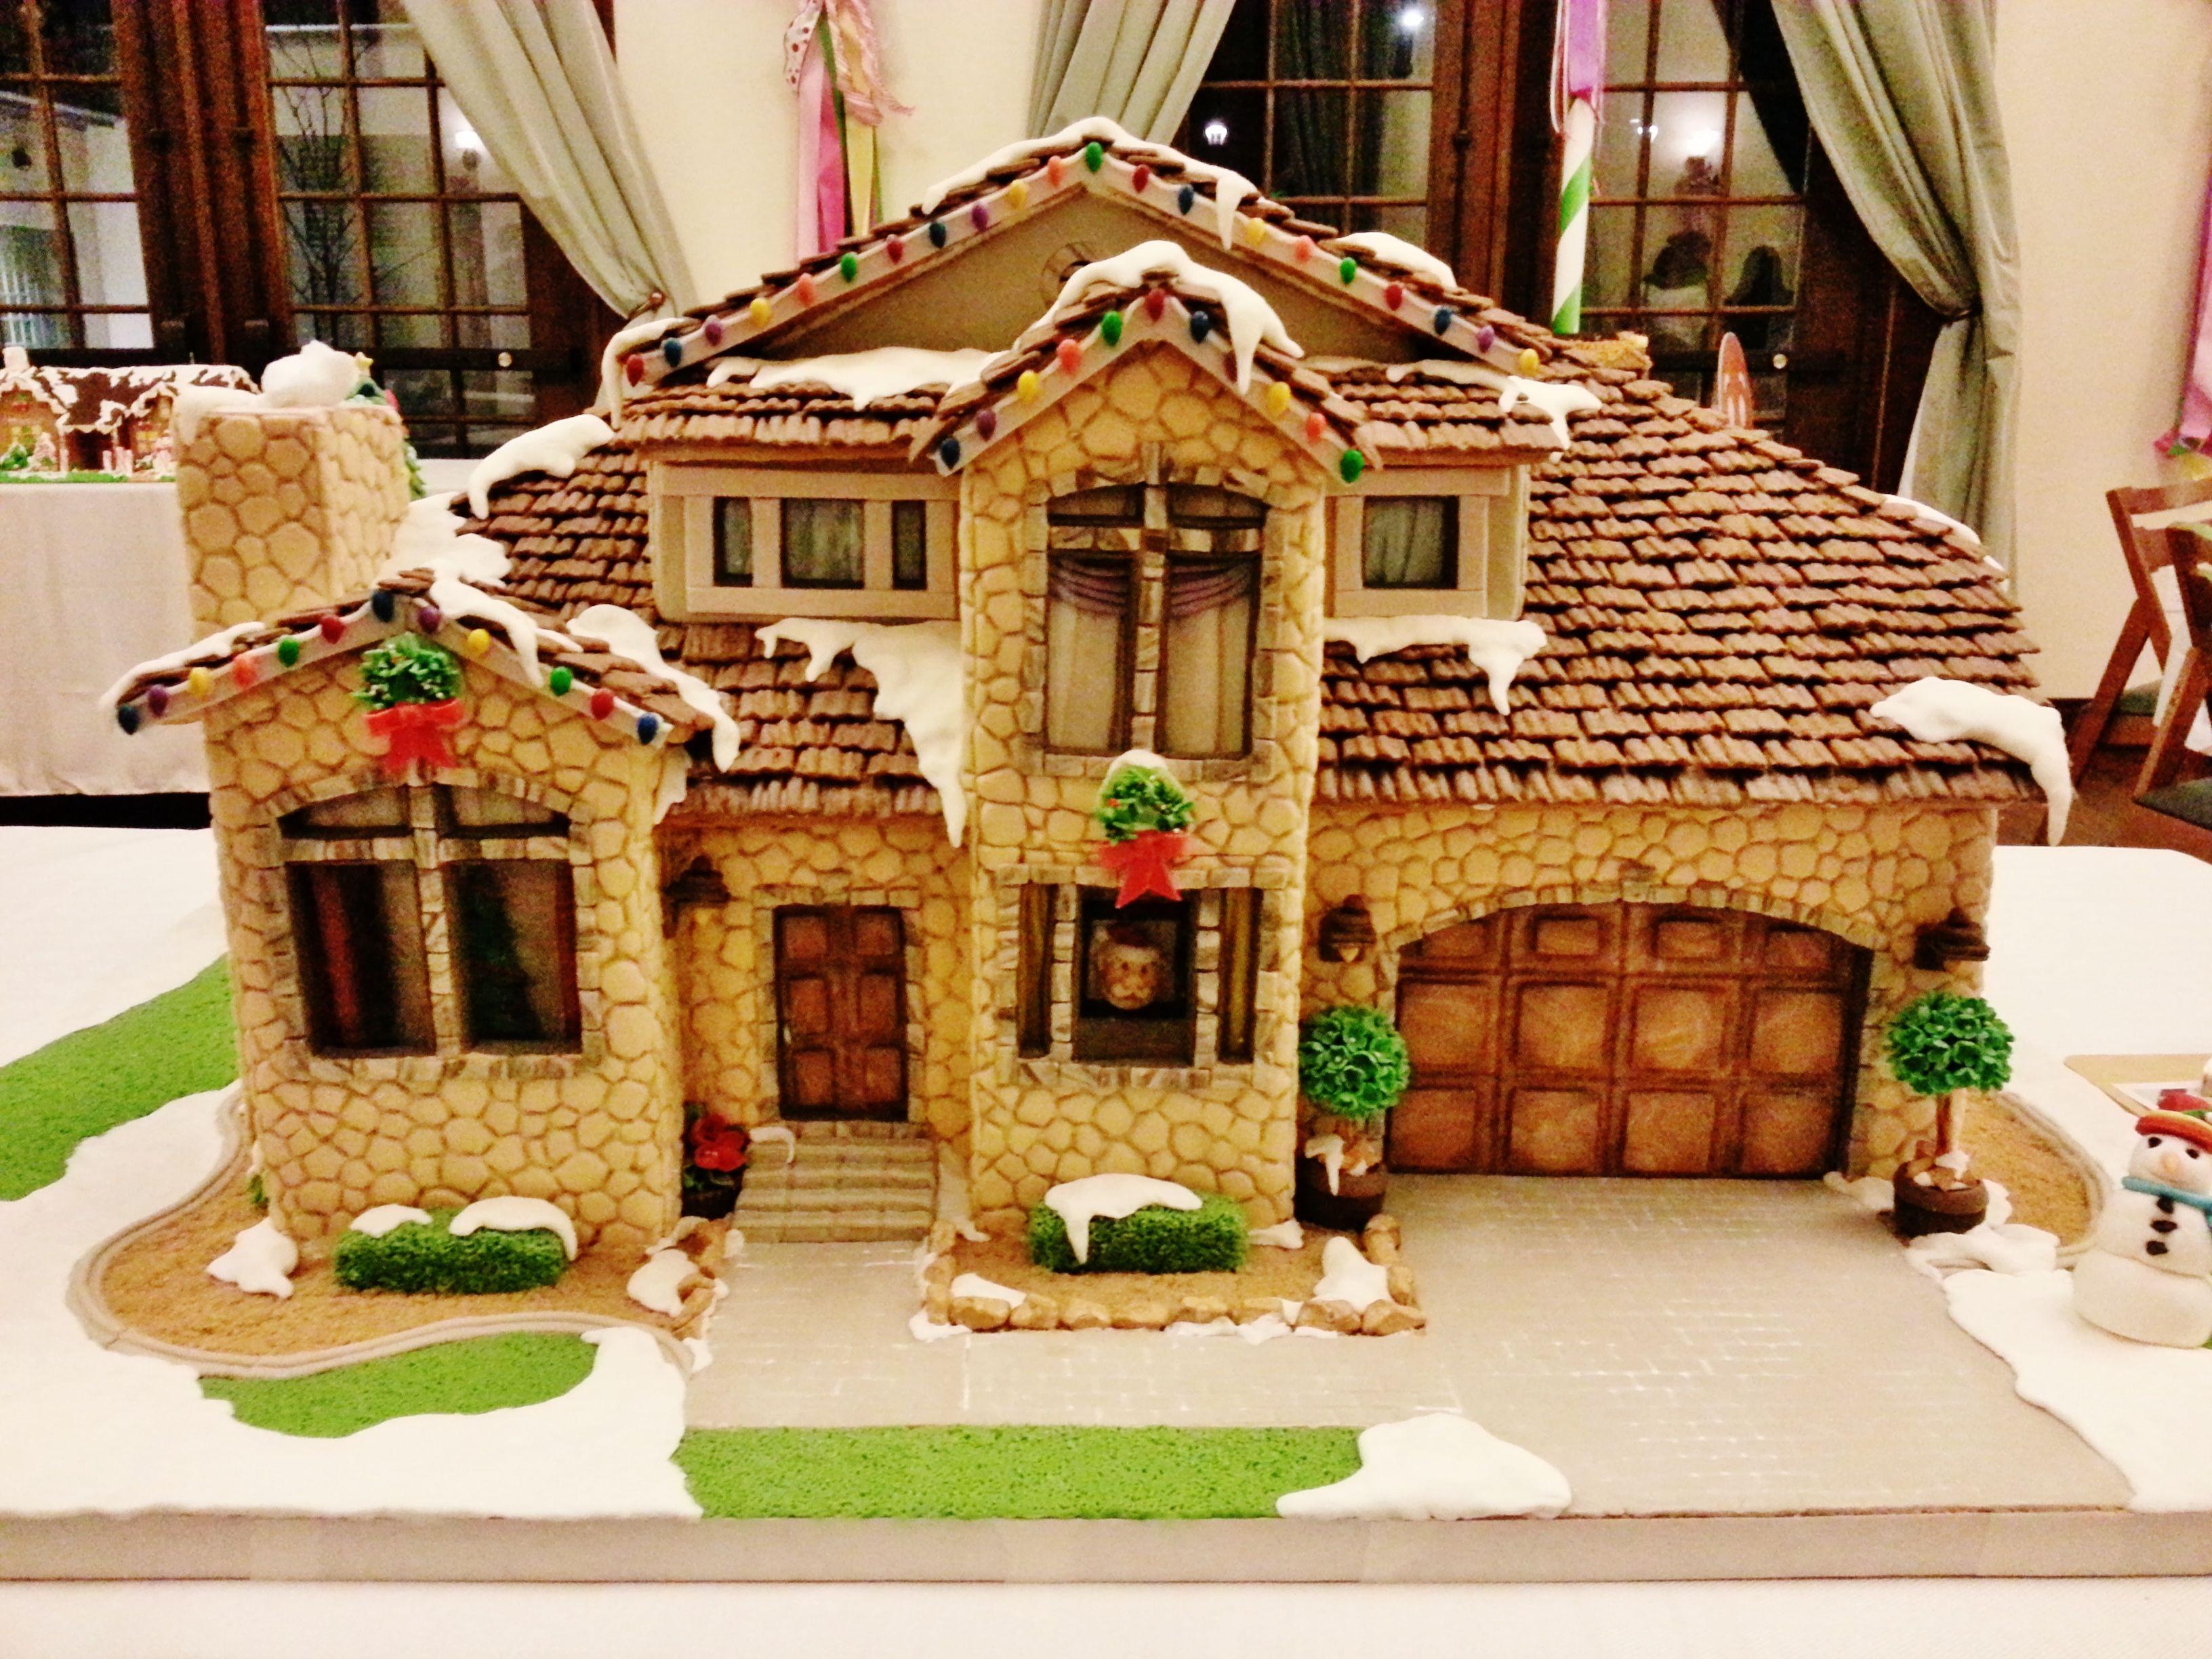 Unique Gingerbread House Designs 11